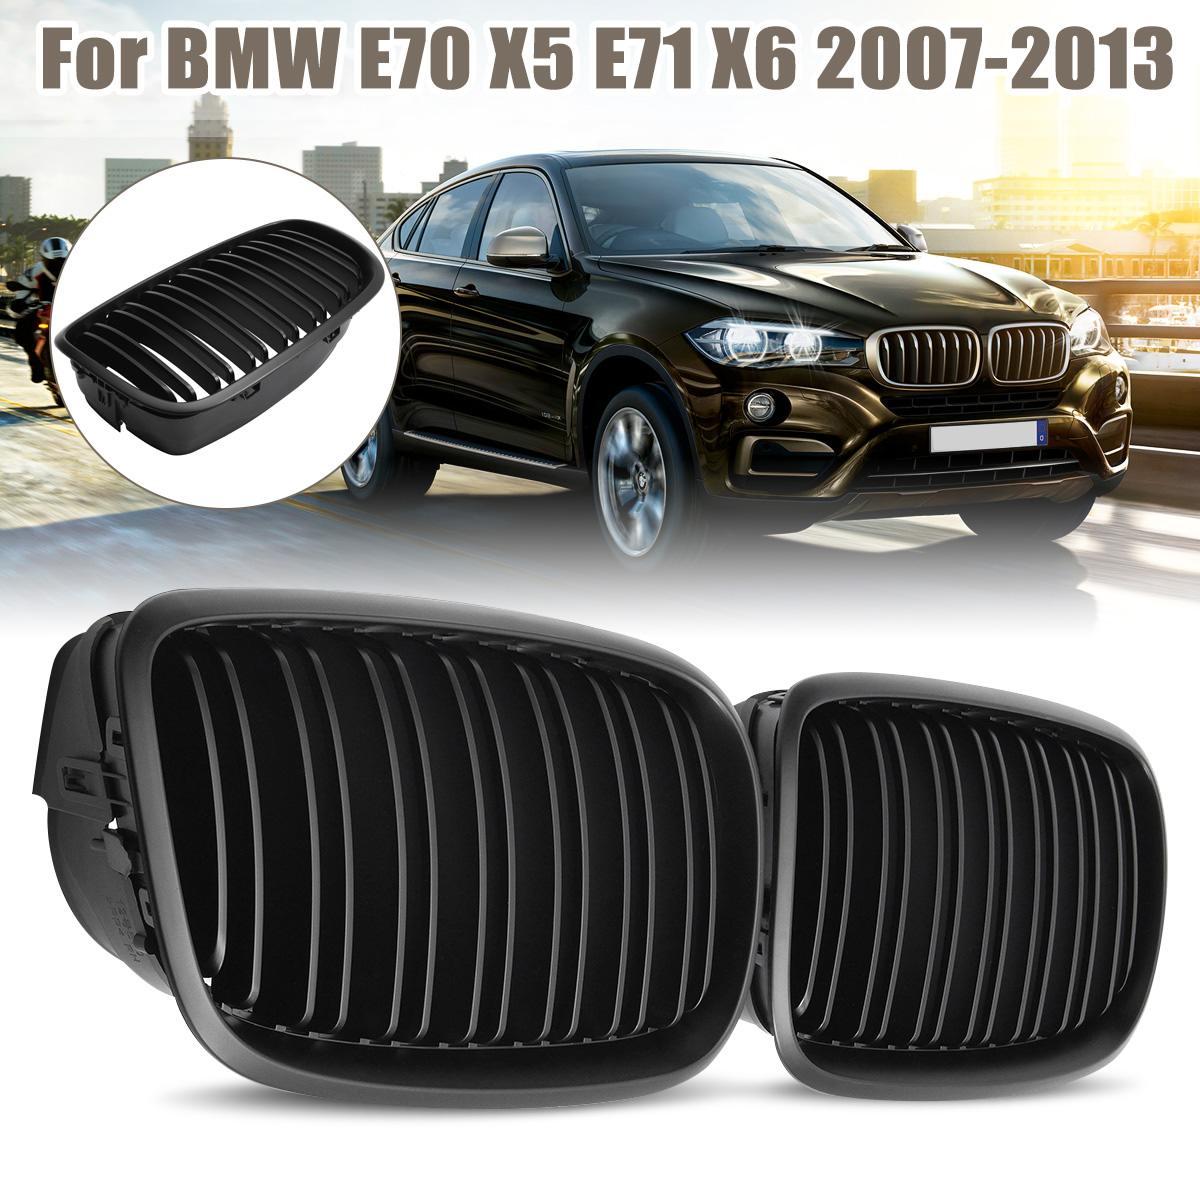 Mat brillant noir M paire pare-choc avant capot rein Sport grilles Grille pour BMW E70 E71X5 X6 2007 2008 2009 2010 2011 2012 2013